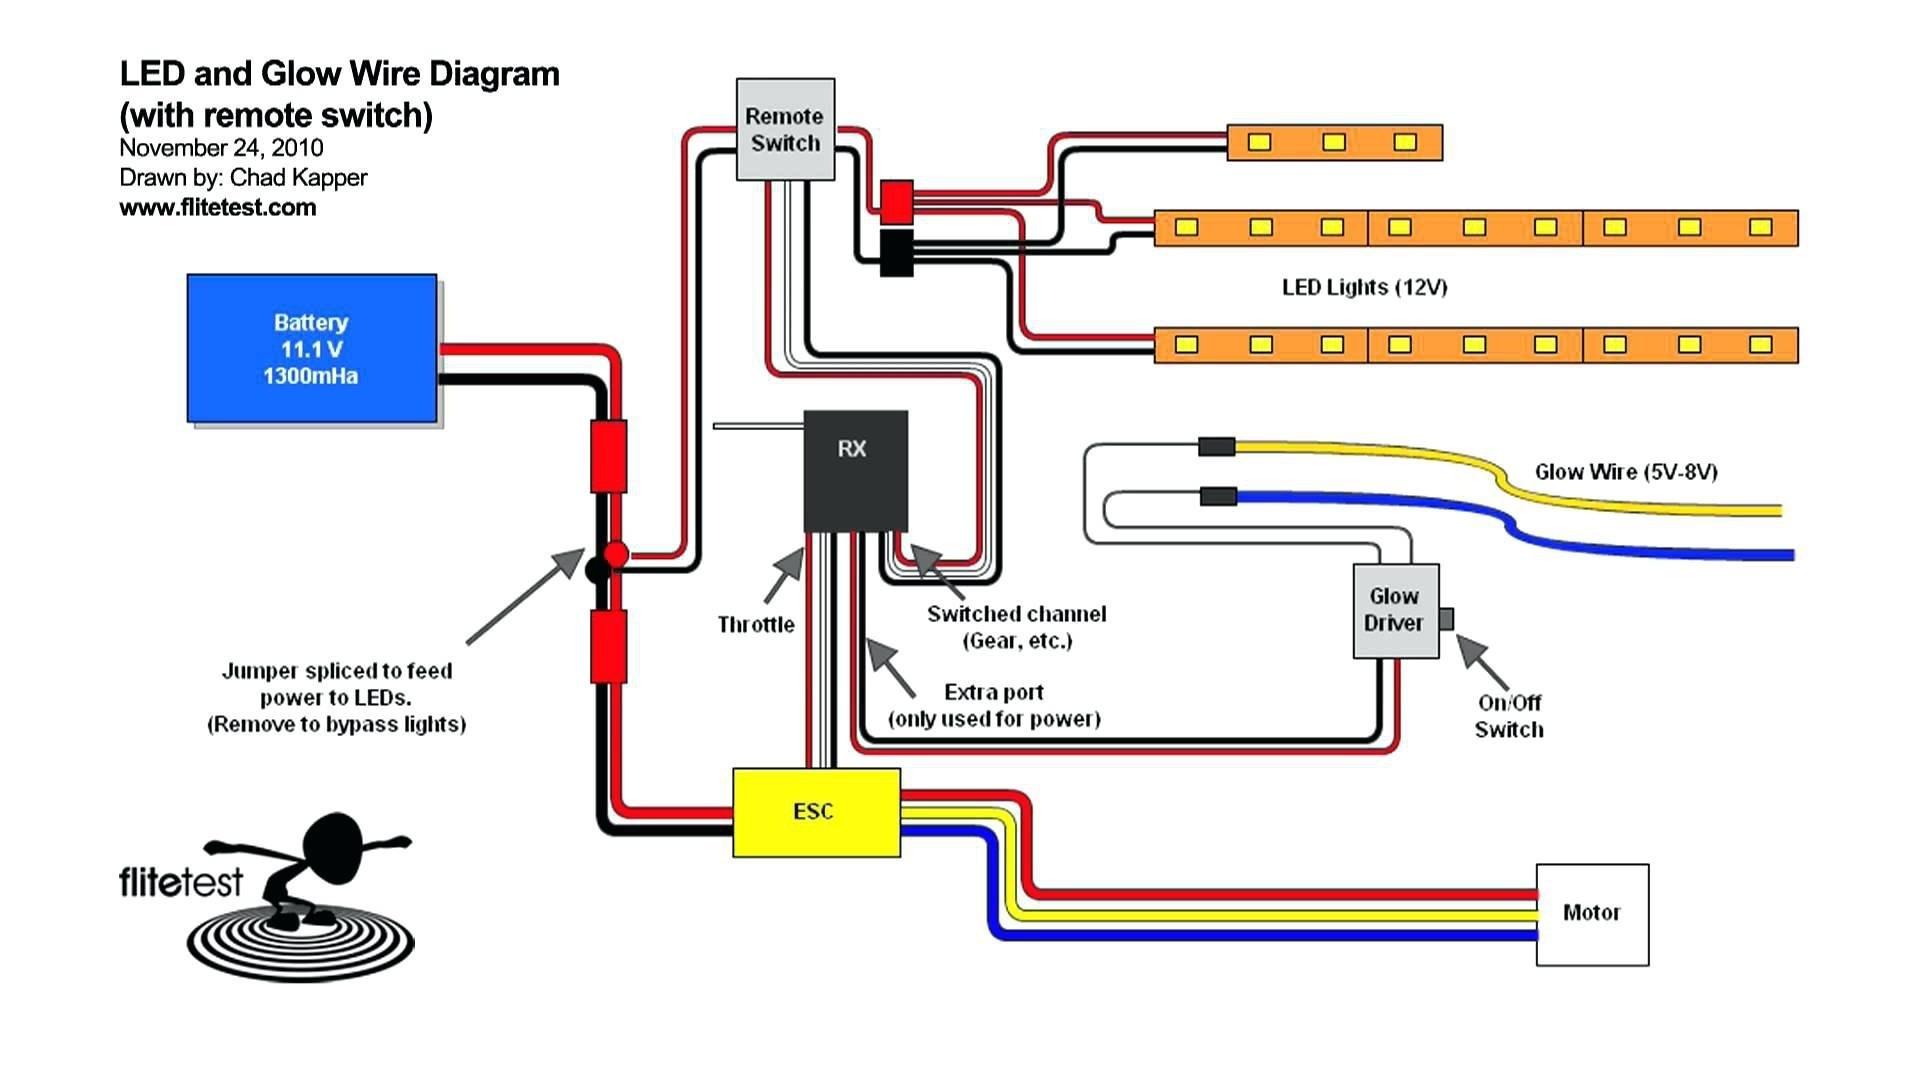 Fw 4182 Light Strip Wiring Diagram Also Led Light Strip Wiring Diagram On Free Diagram